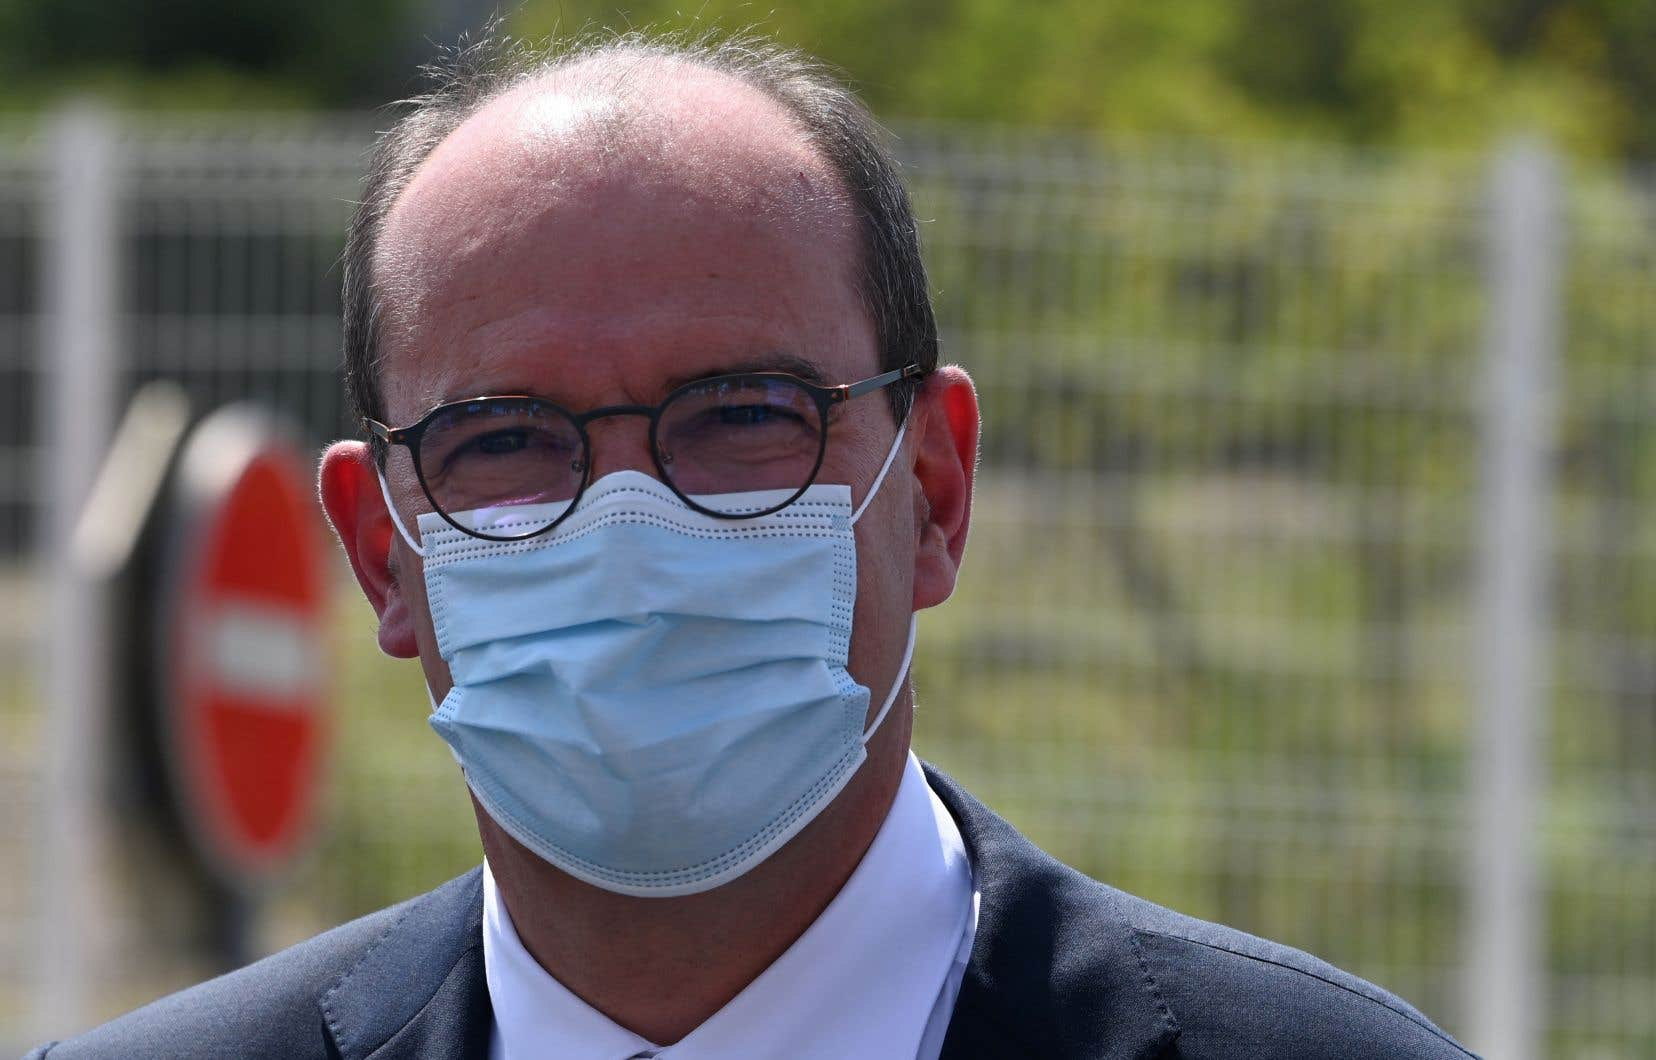 «Si nous ne réagissons pas collectivement, nous nous exposons à un risque élevé de reprise épidémique», a prévenu le premier ministre français Jean Castex d'un déplacement à Montpellier, dans le sud du pays.